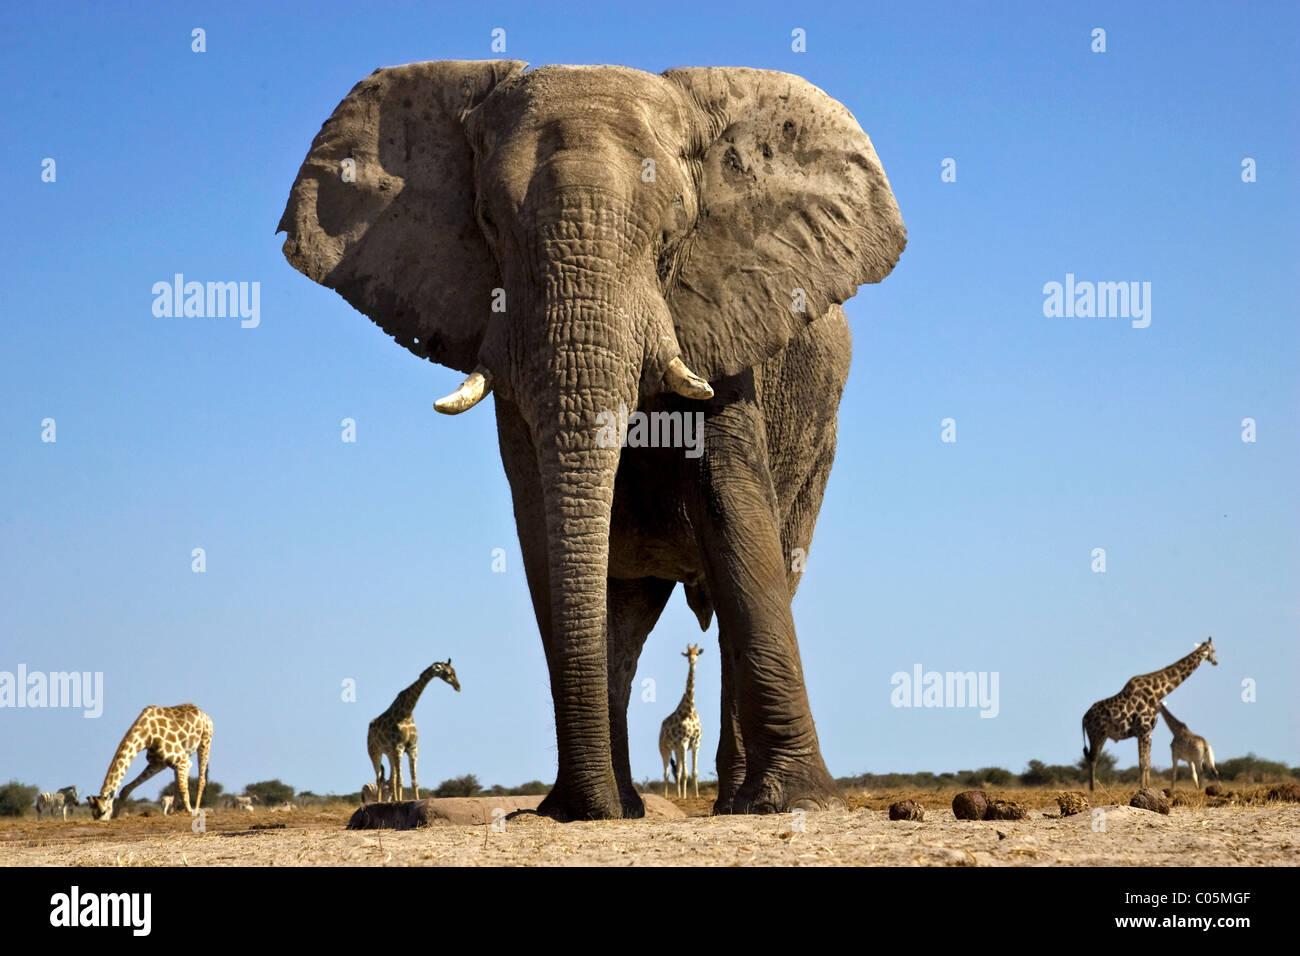 Les Girafes et éléphants, Etosha National Park, Namibie Photo Stock